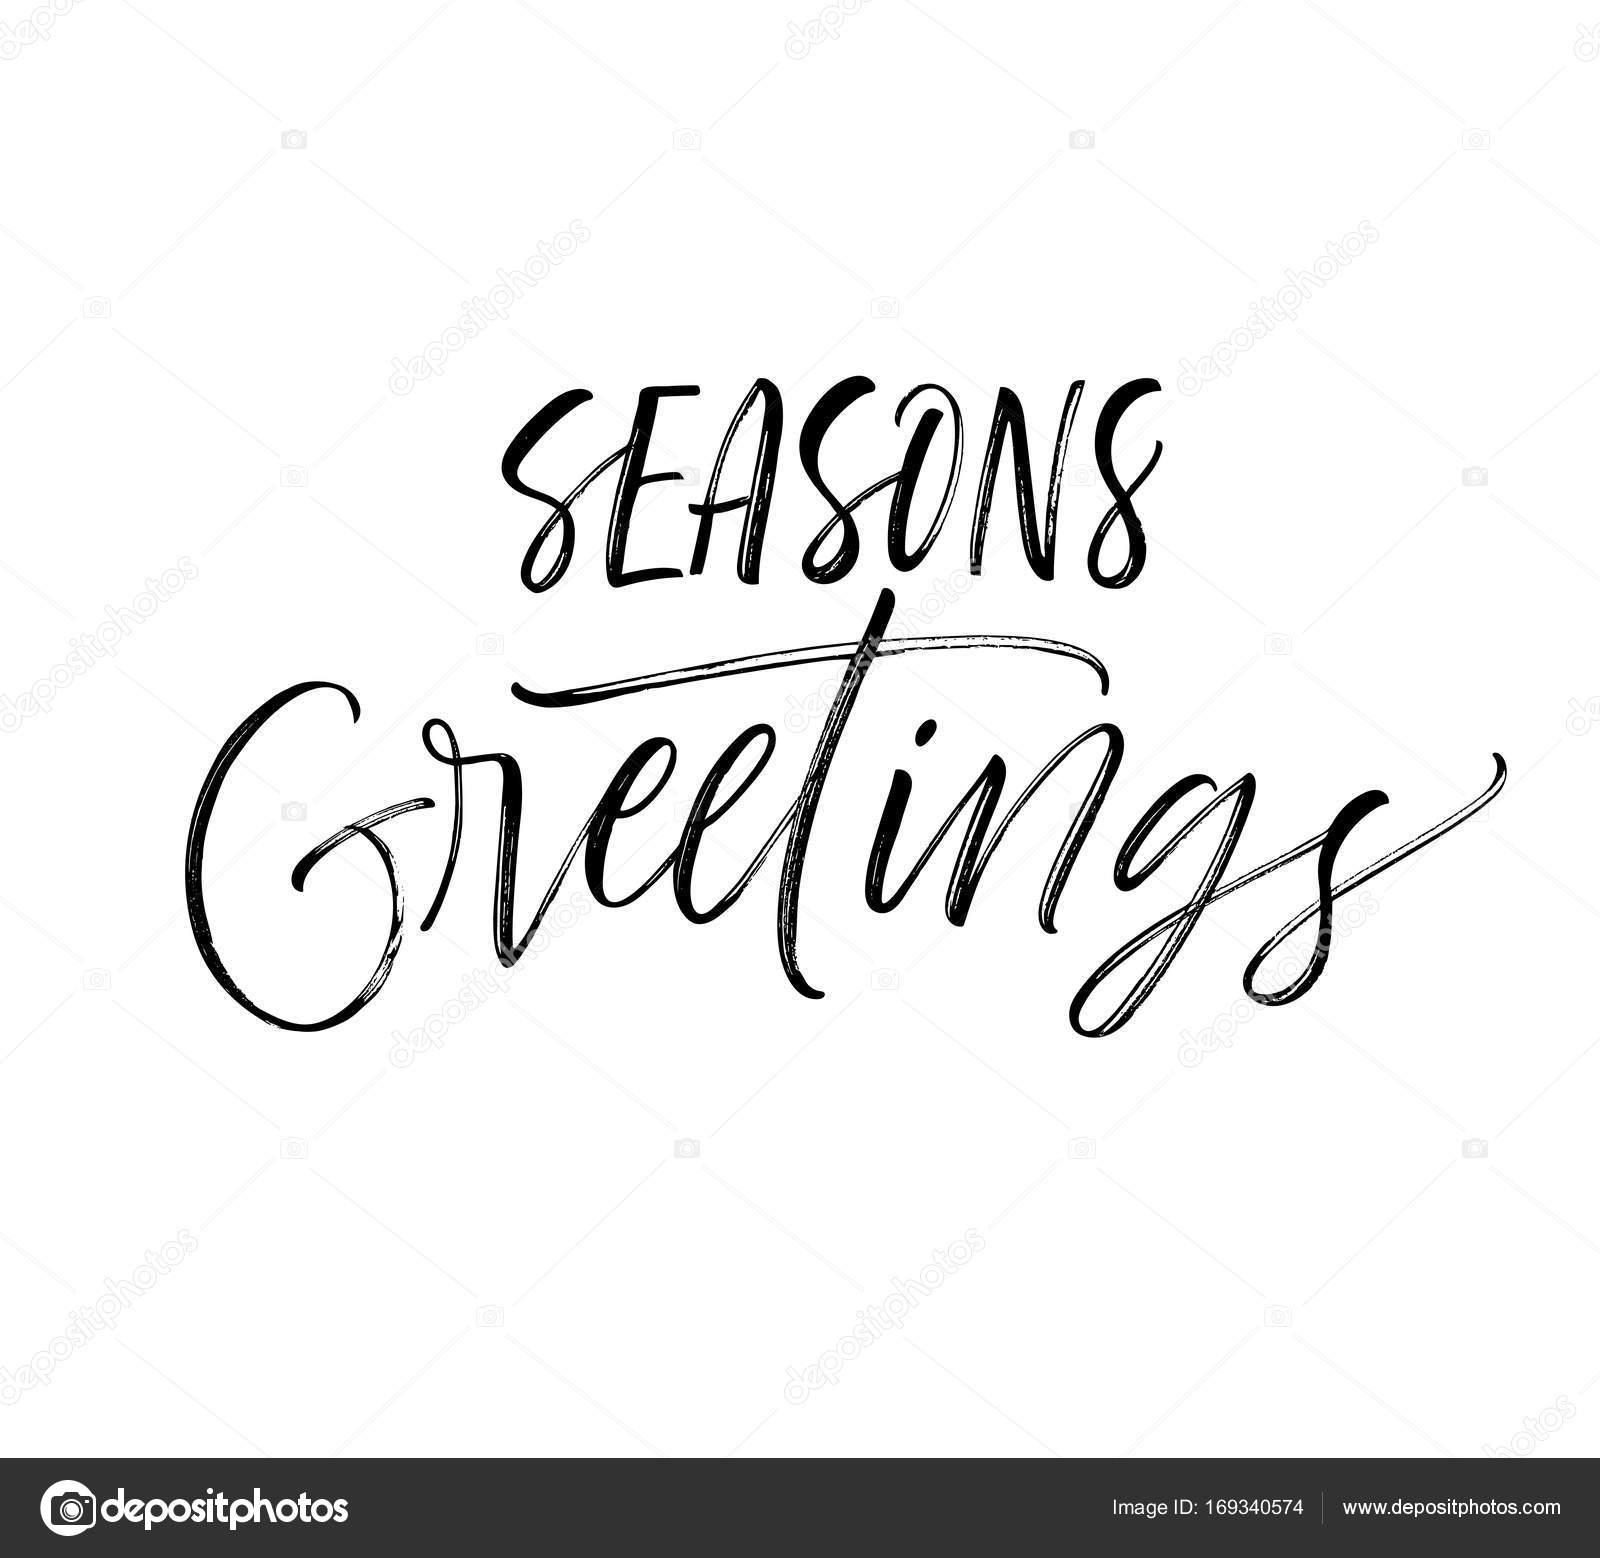 Seasons Greetings Phrase Stock Vector Gevko93 169340574